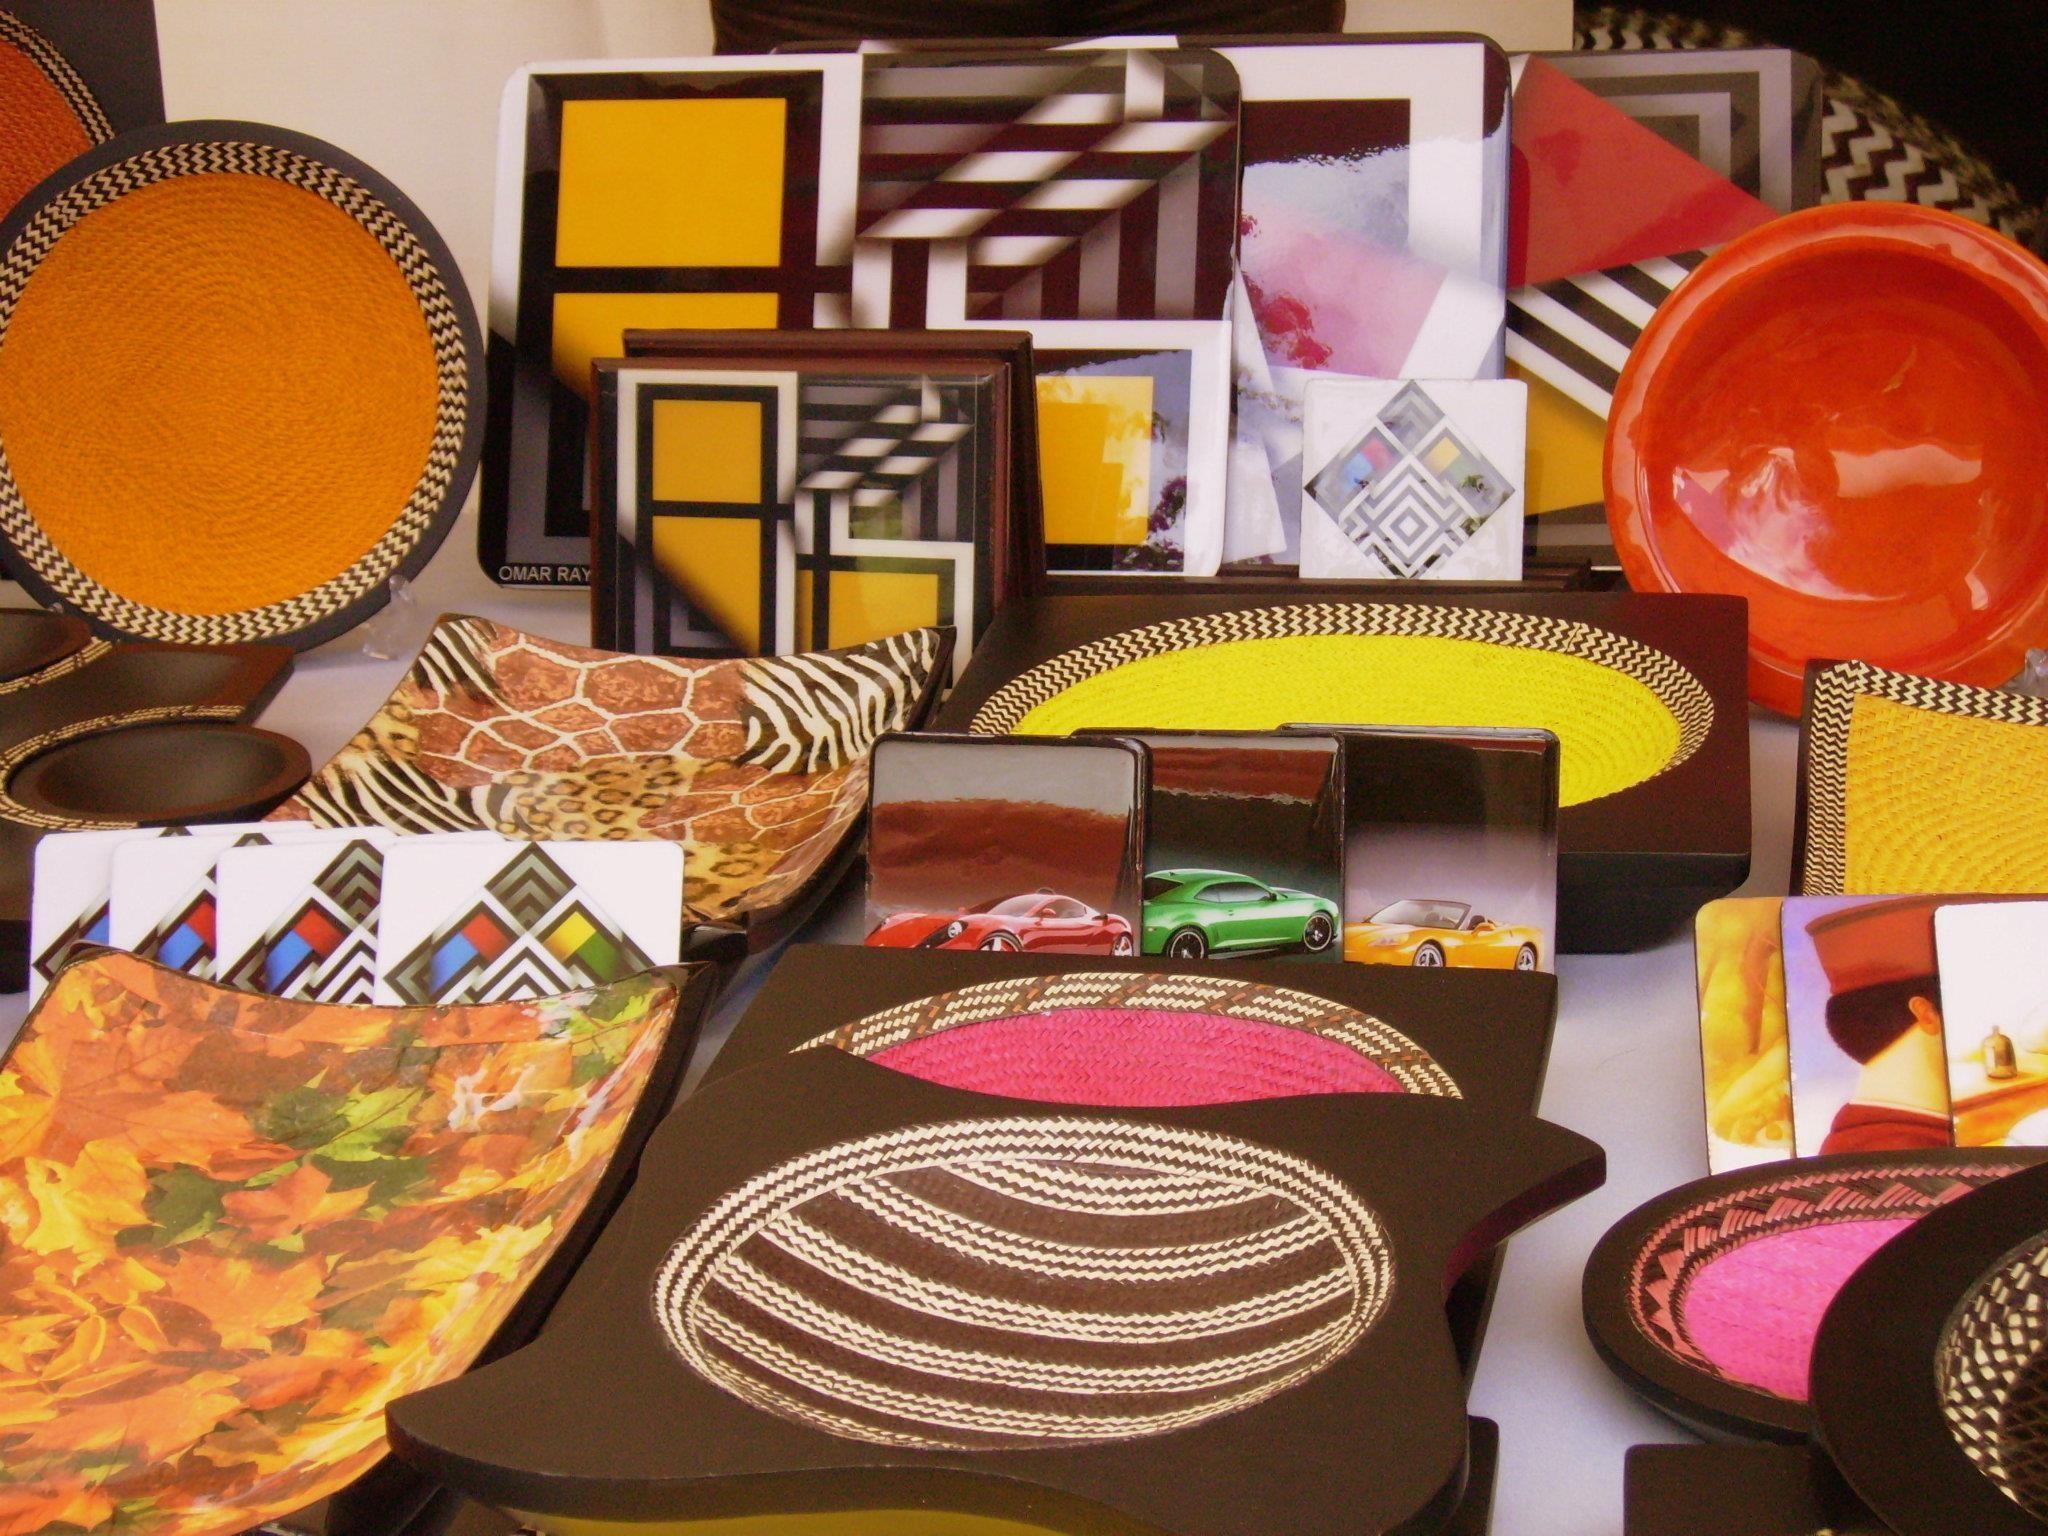 Centros de mesa bandejas tablas de queso servilleteros individuales etc hechos en fibras - Individuales para mesa ...